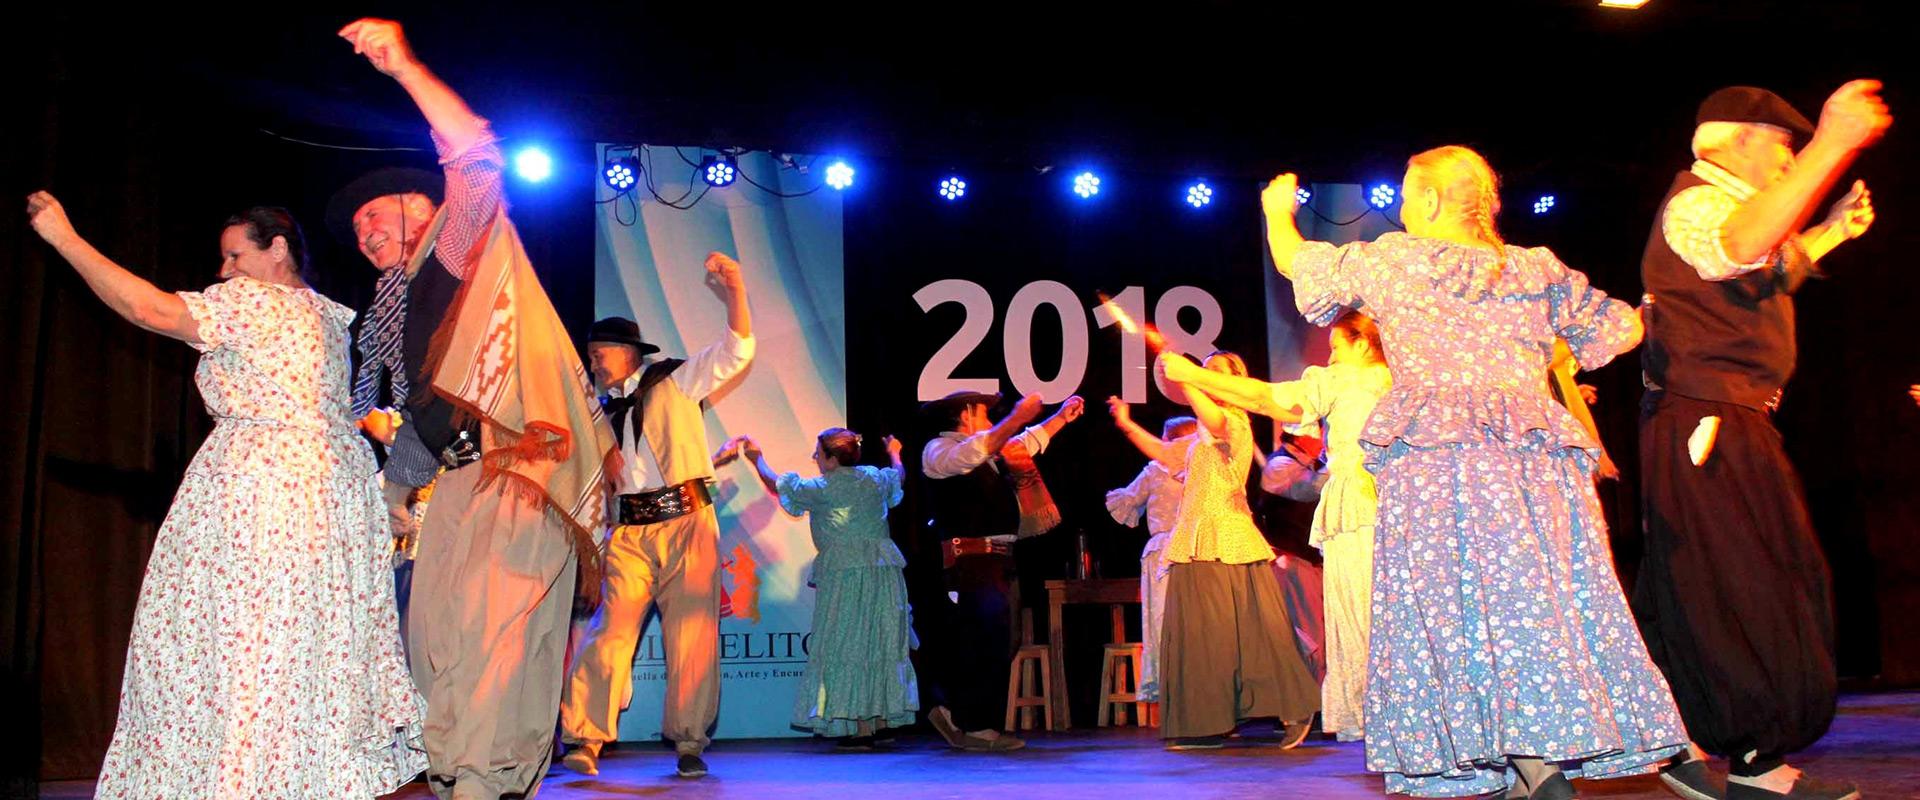 Se acerca el Encuentro 2019 - Encuentro de la Segunda Juventud